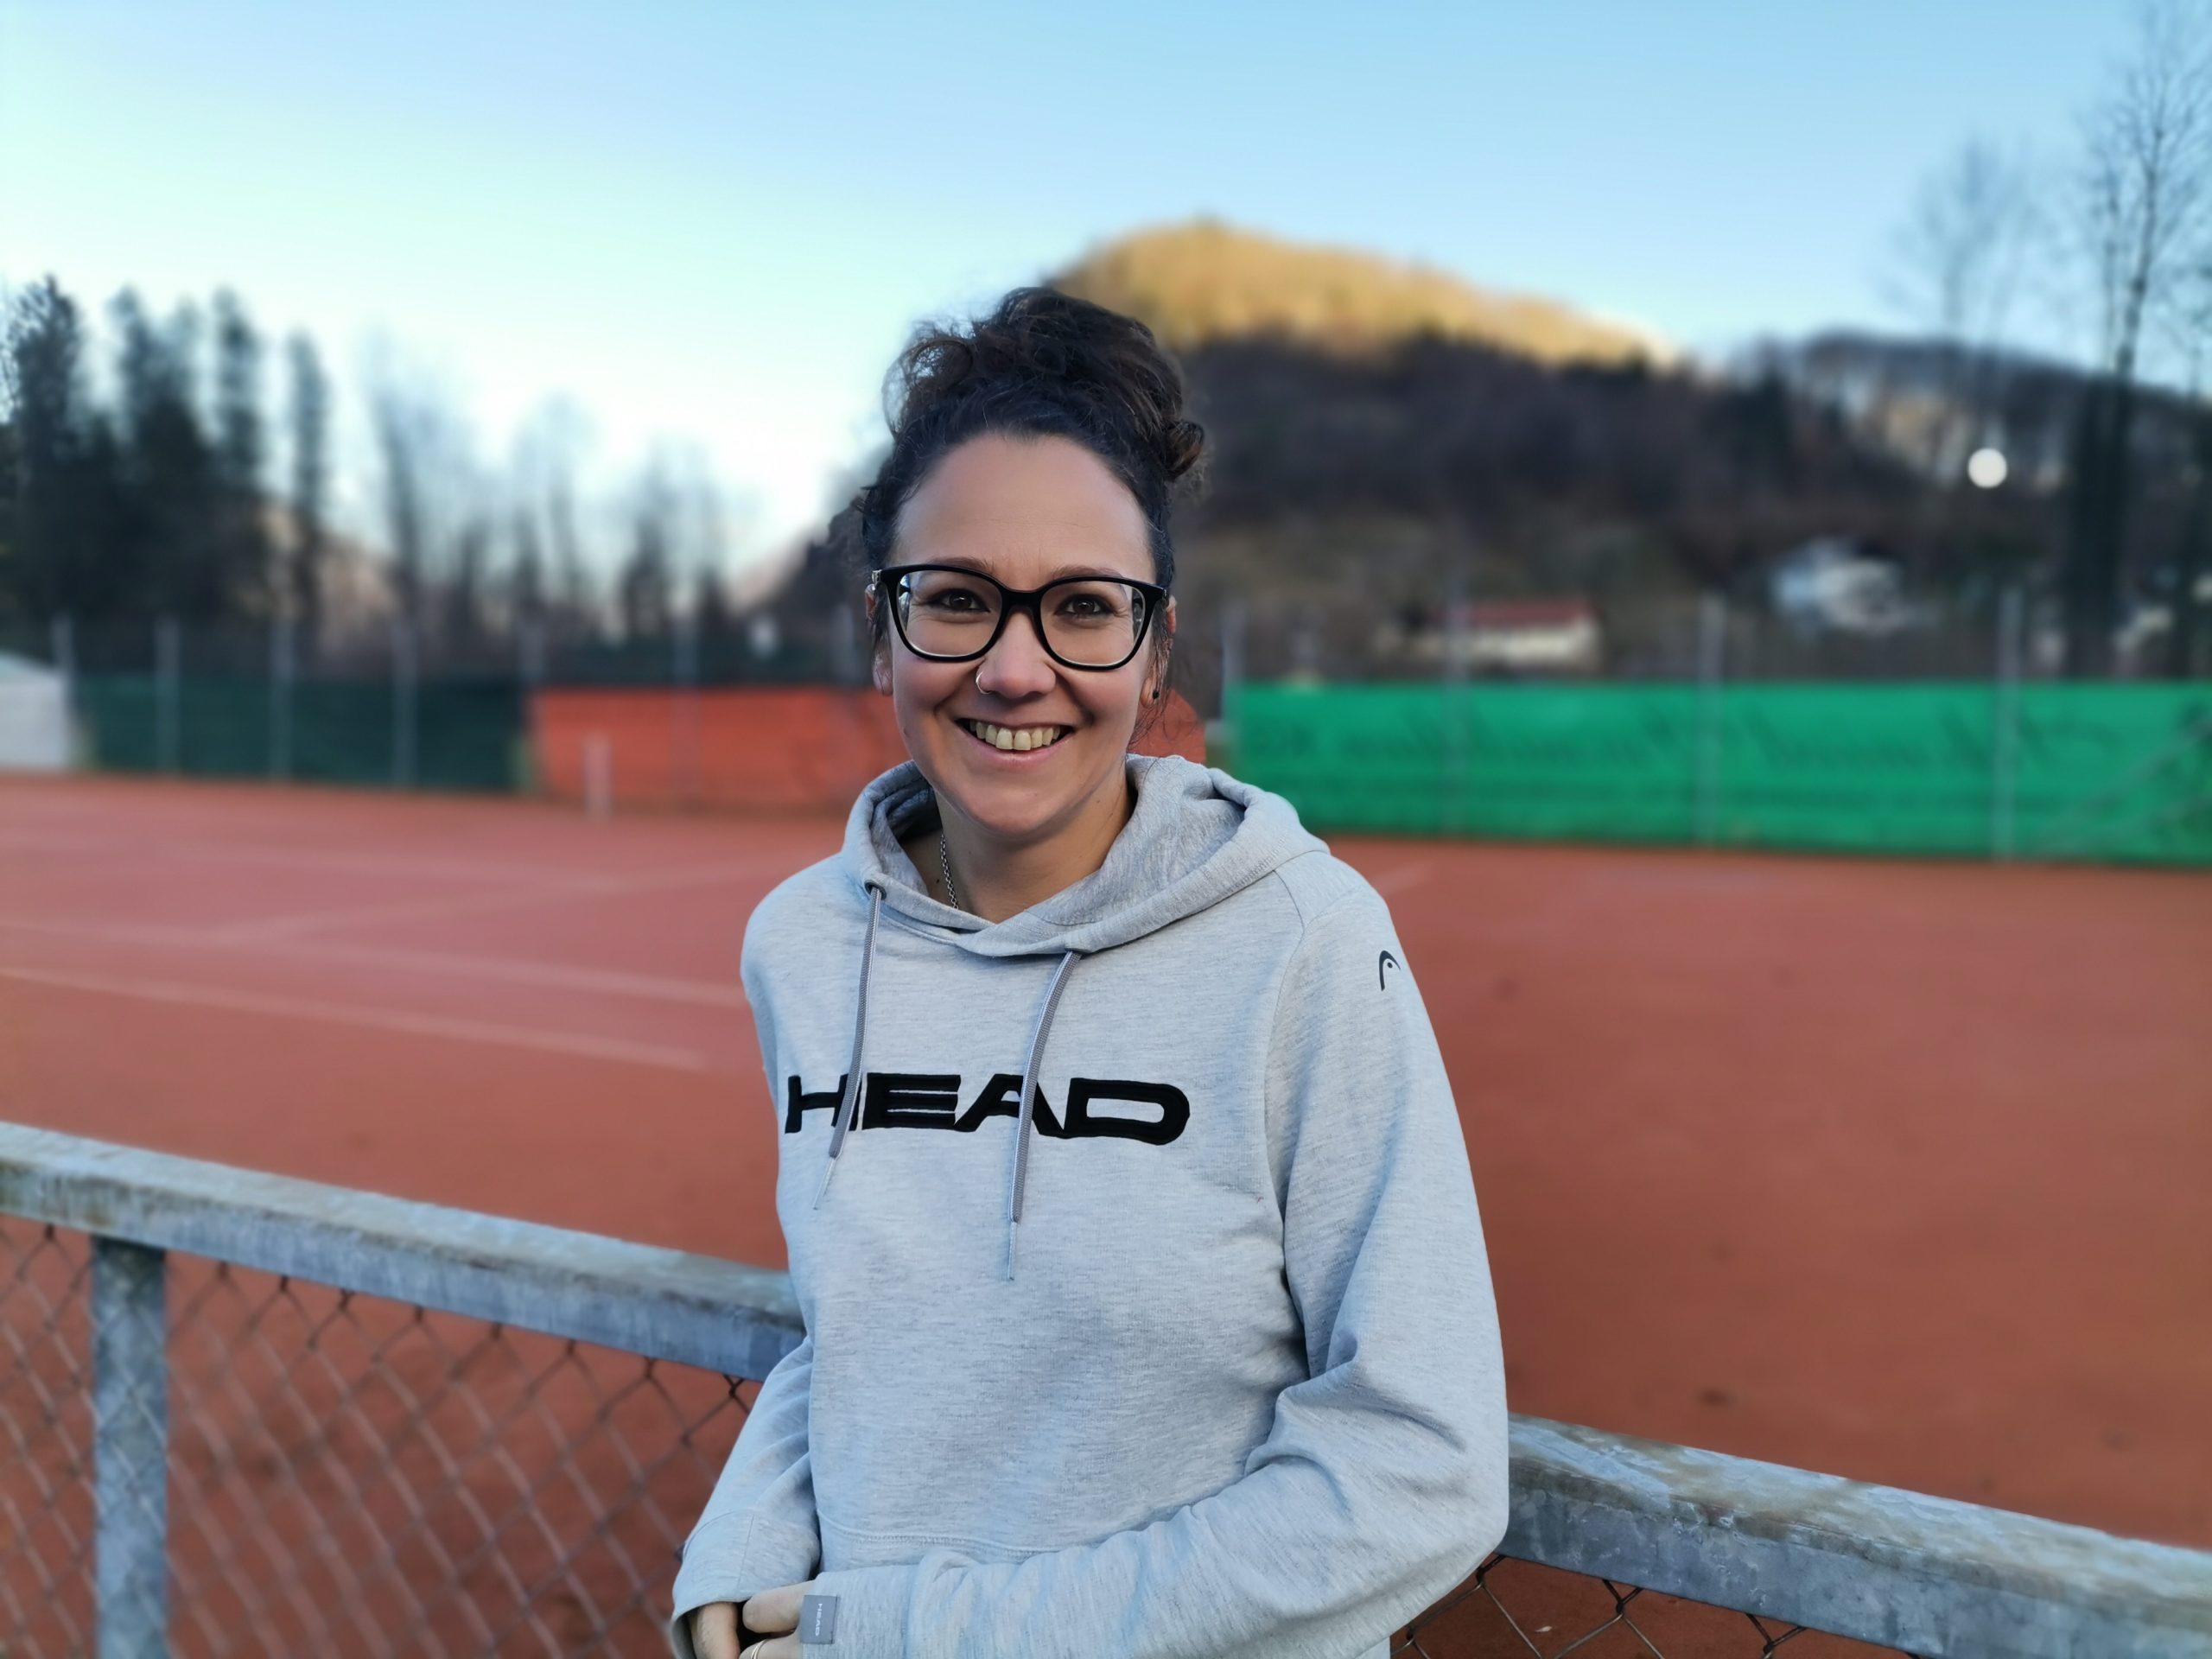 TAAB-Tennis Team